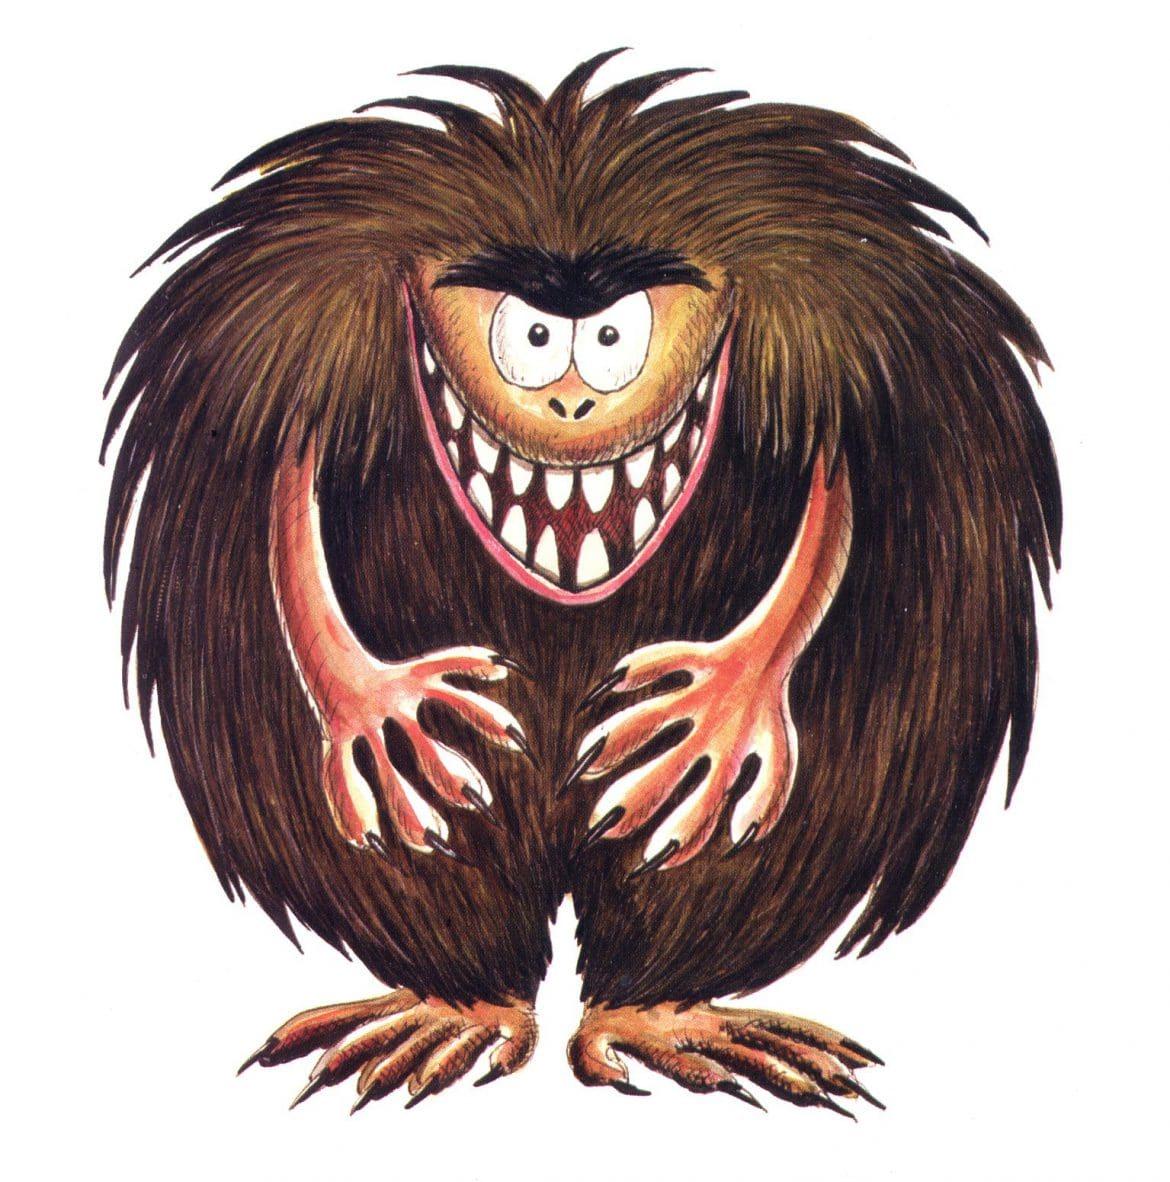 illustrations - hairy monster